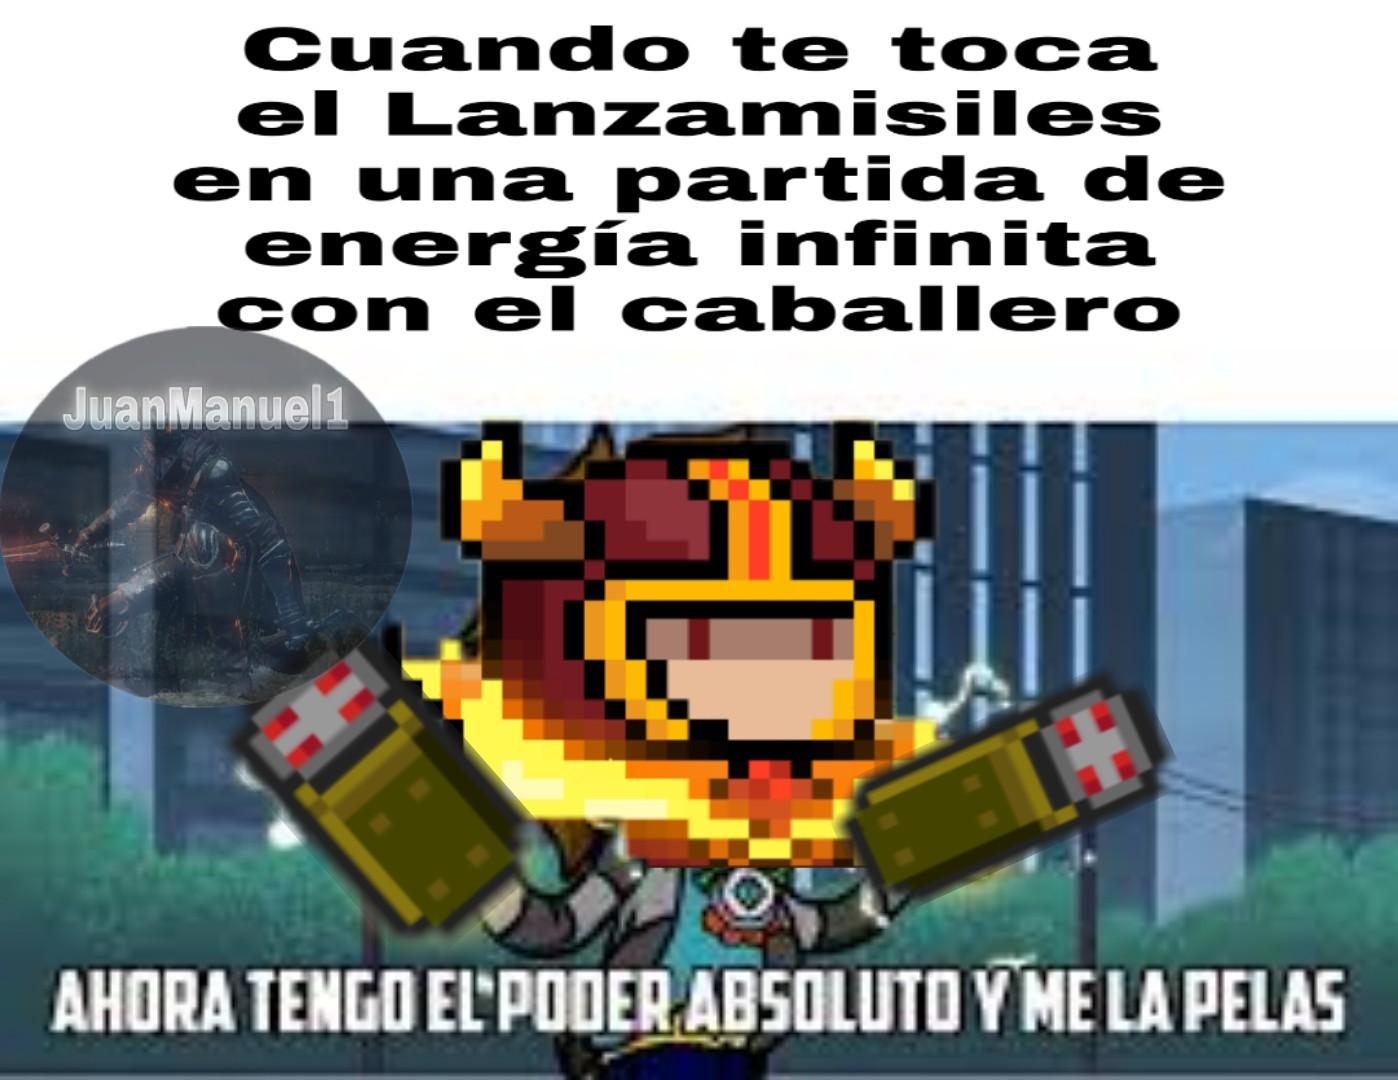 Cualquier wea - meme